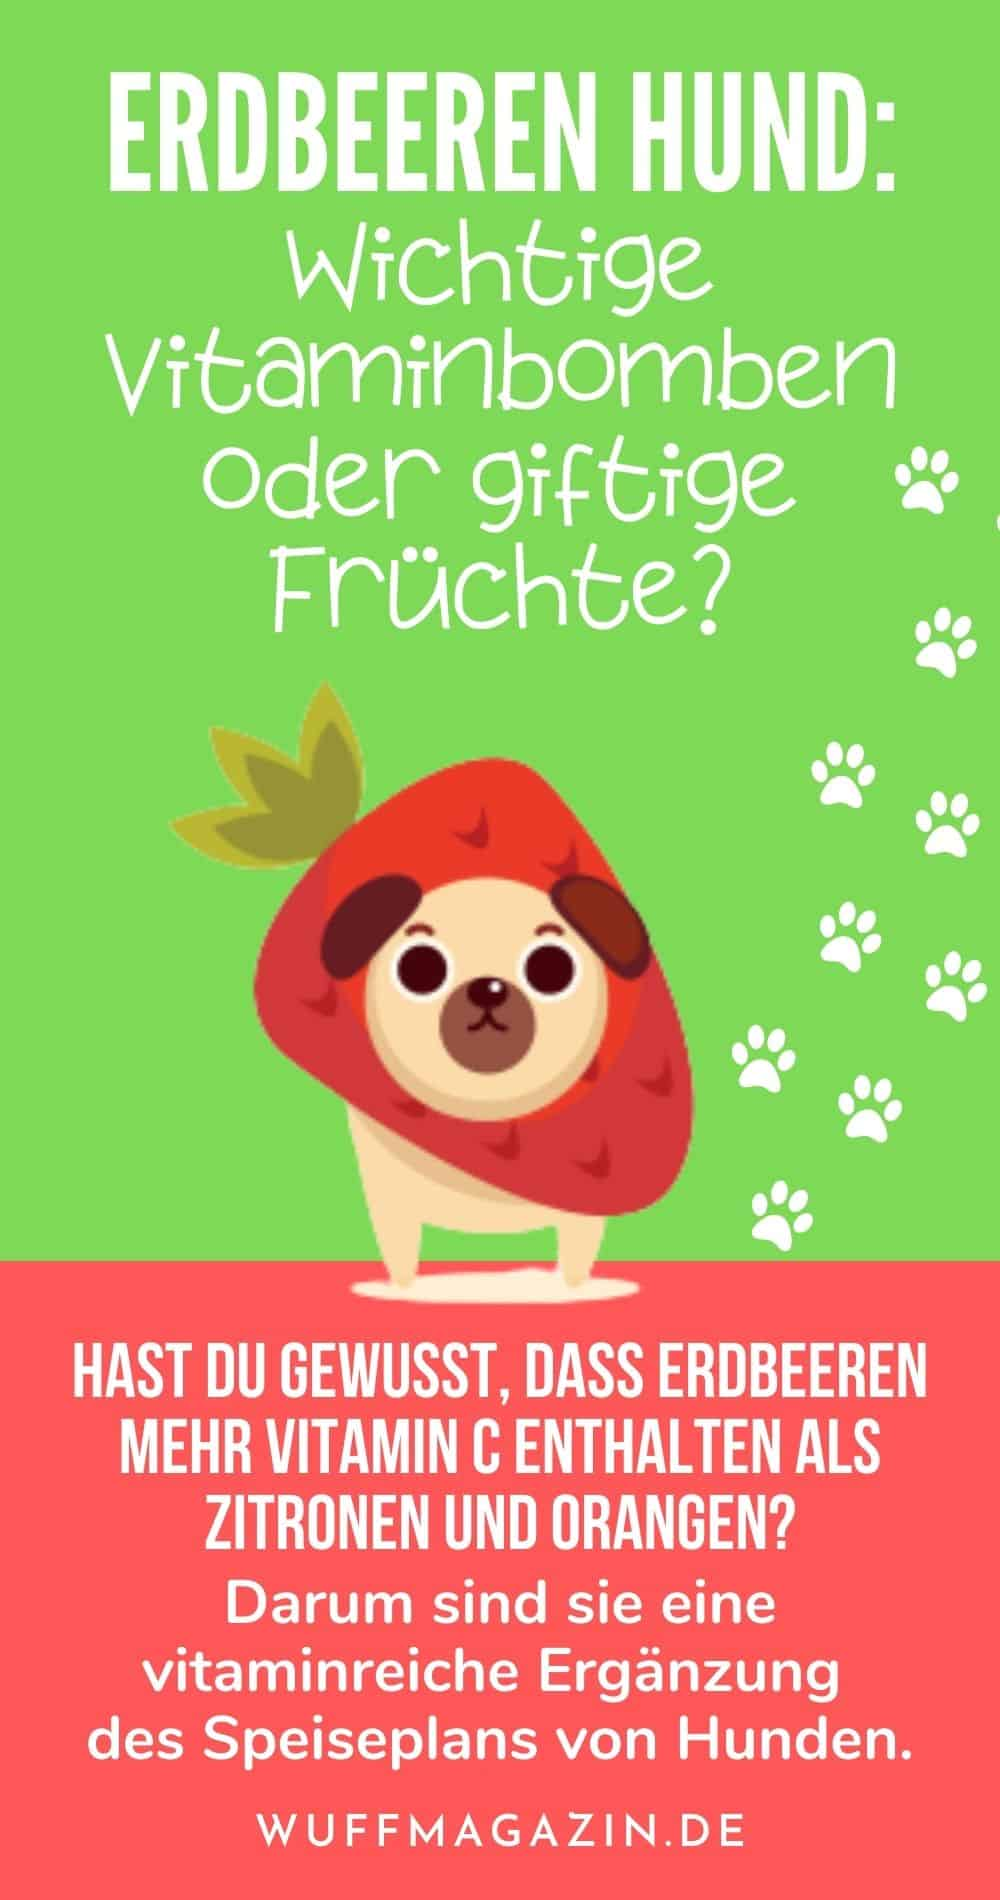 Erdbeeren Hund Wichtige Vitaminbomben oder giftige Früchte